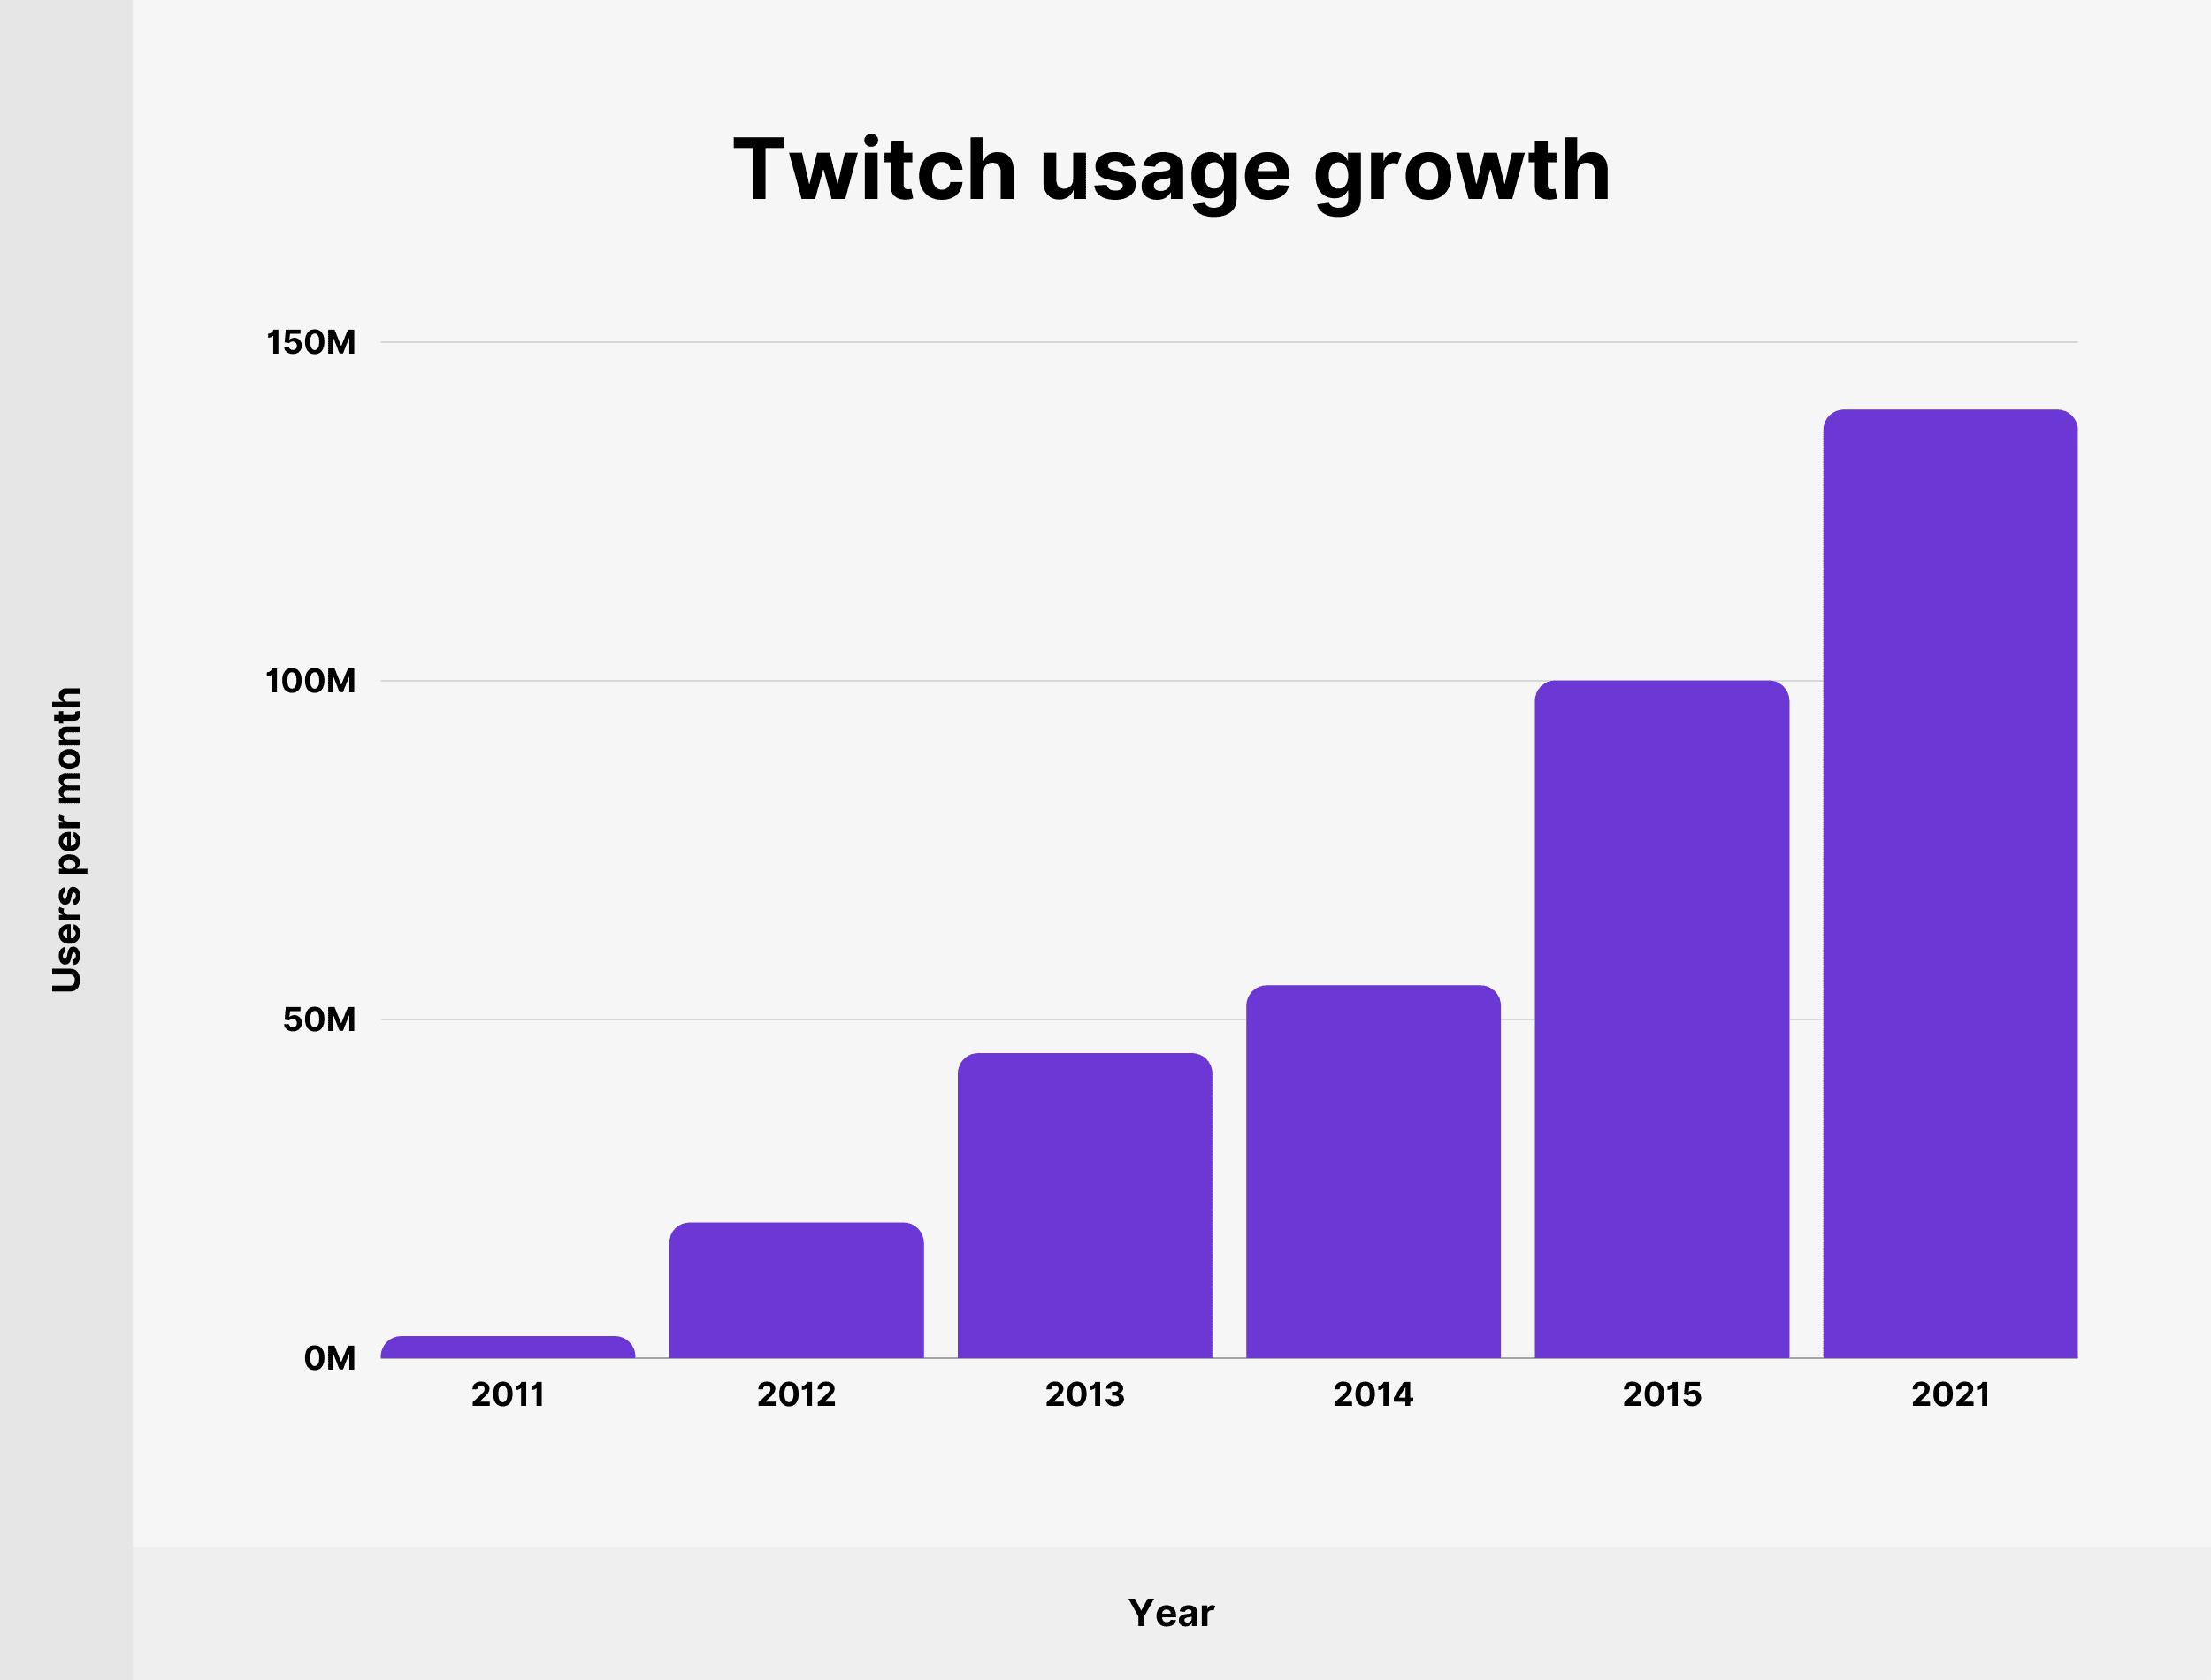 Twitch usage growth